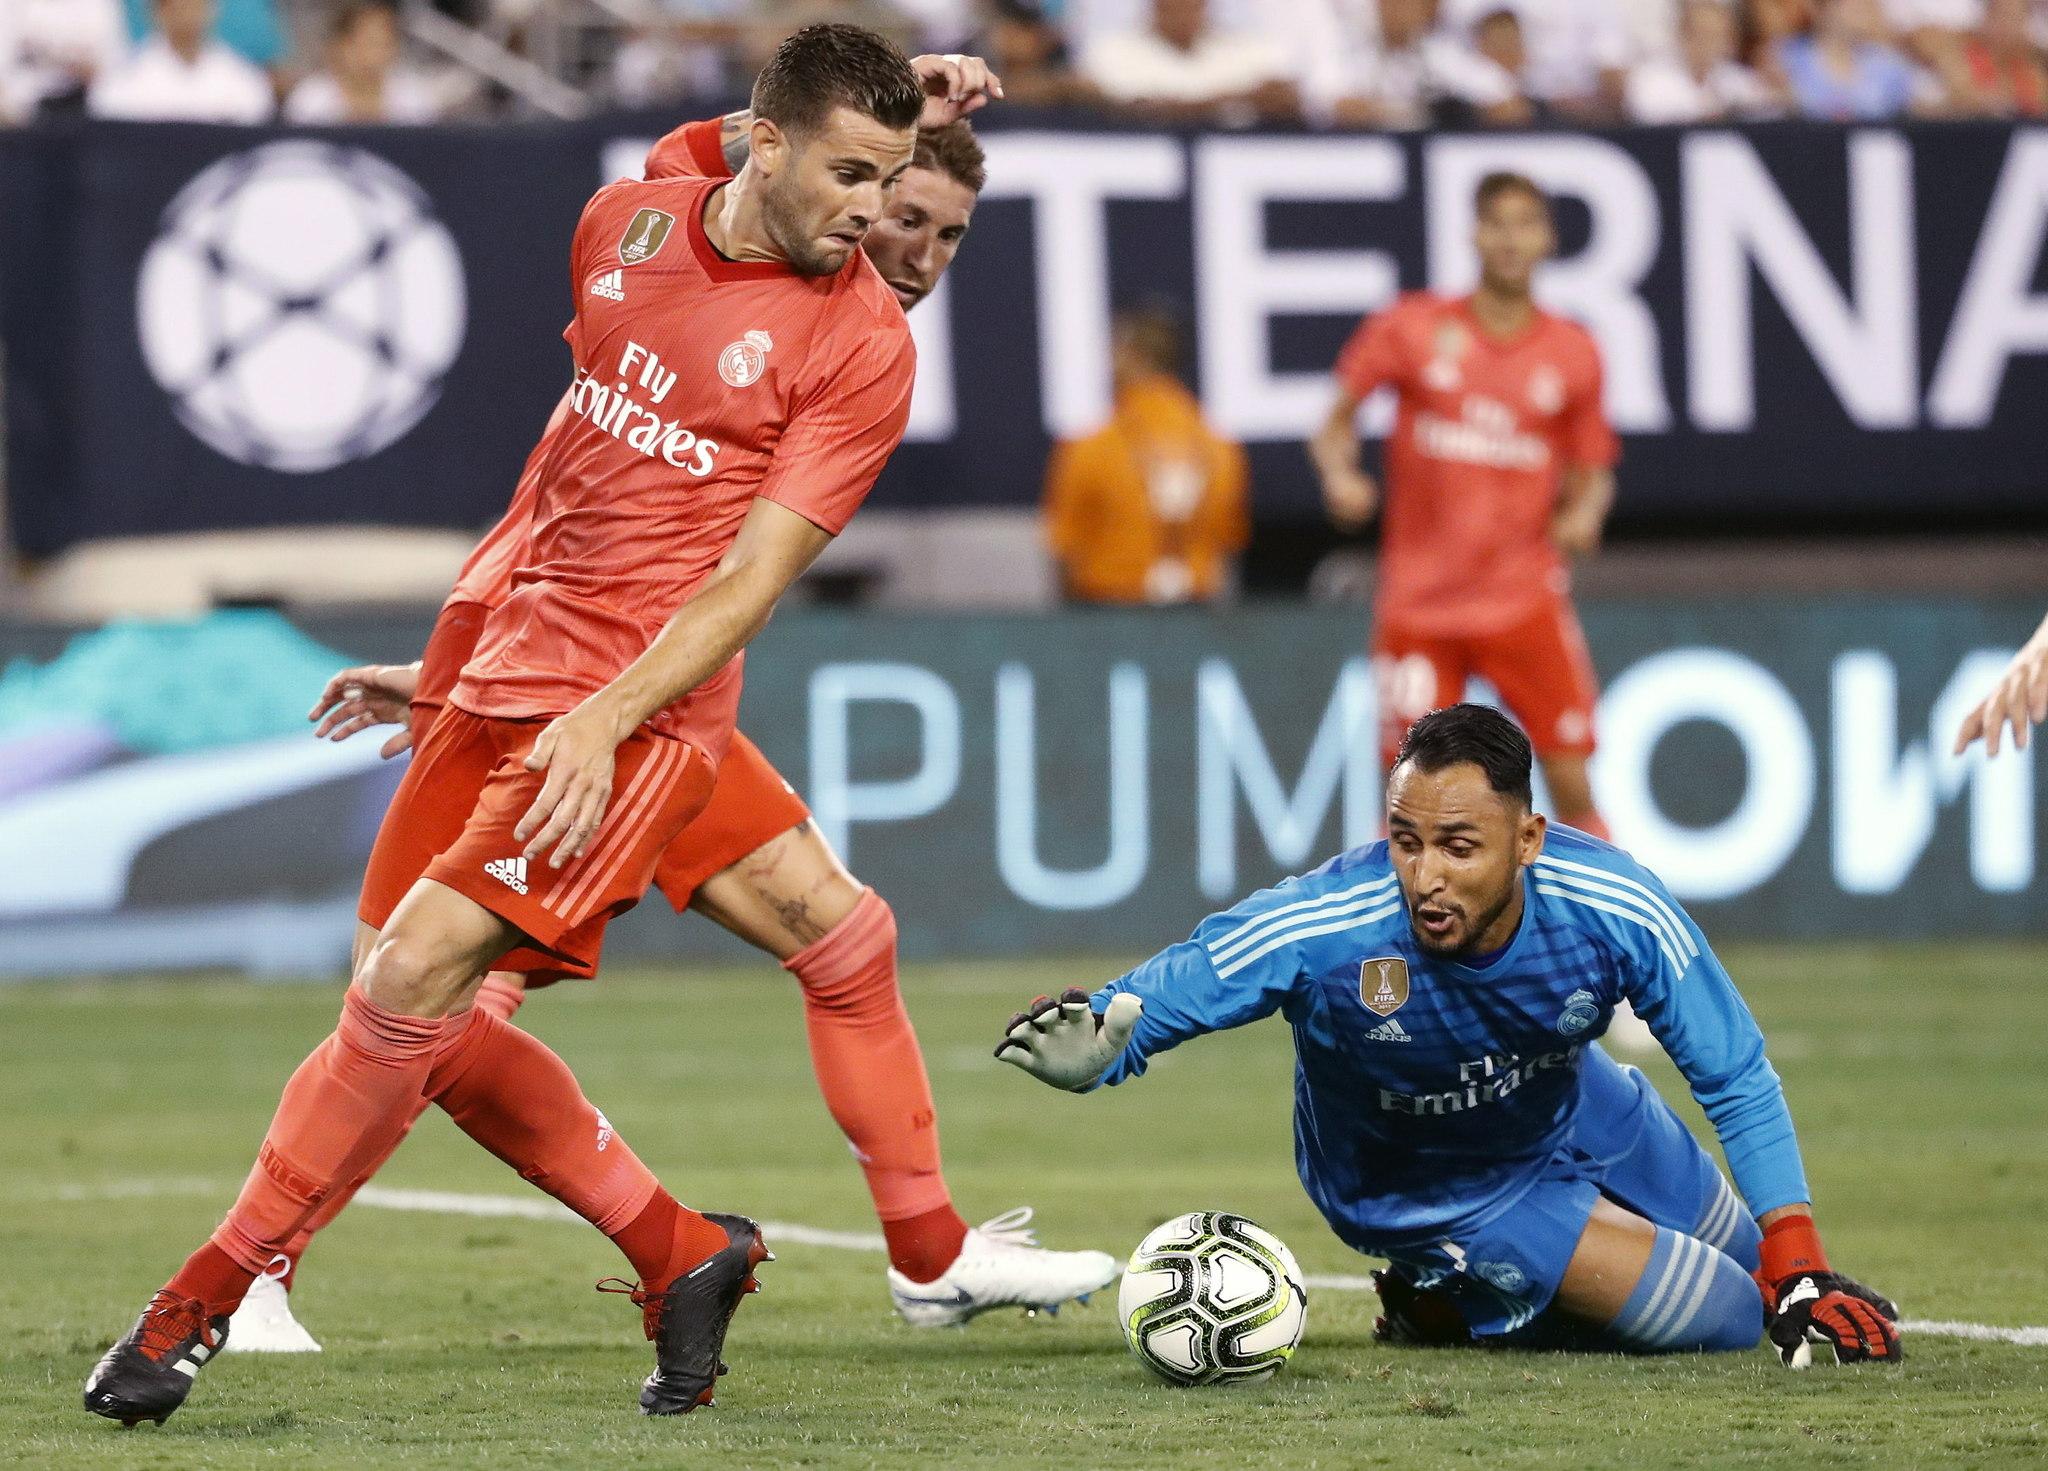 Keylor detiene un esférico durante el partido ante la Roma